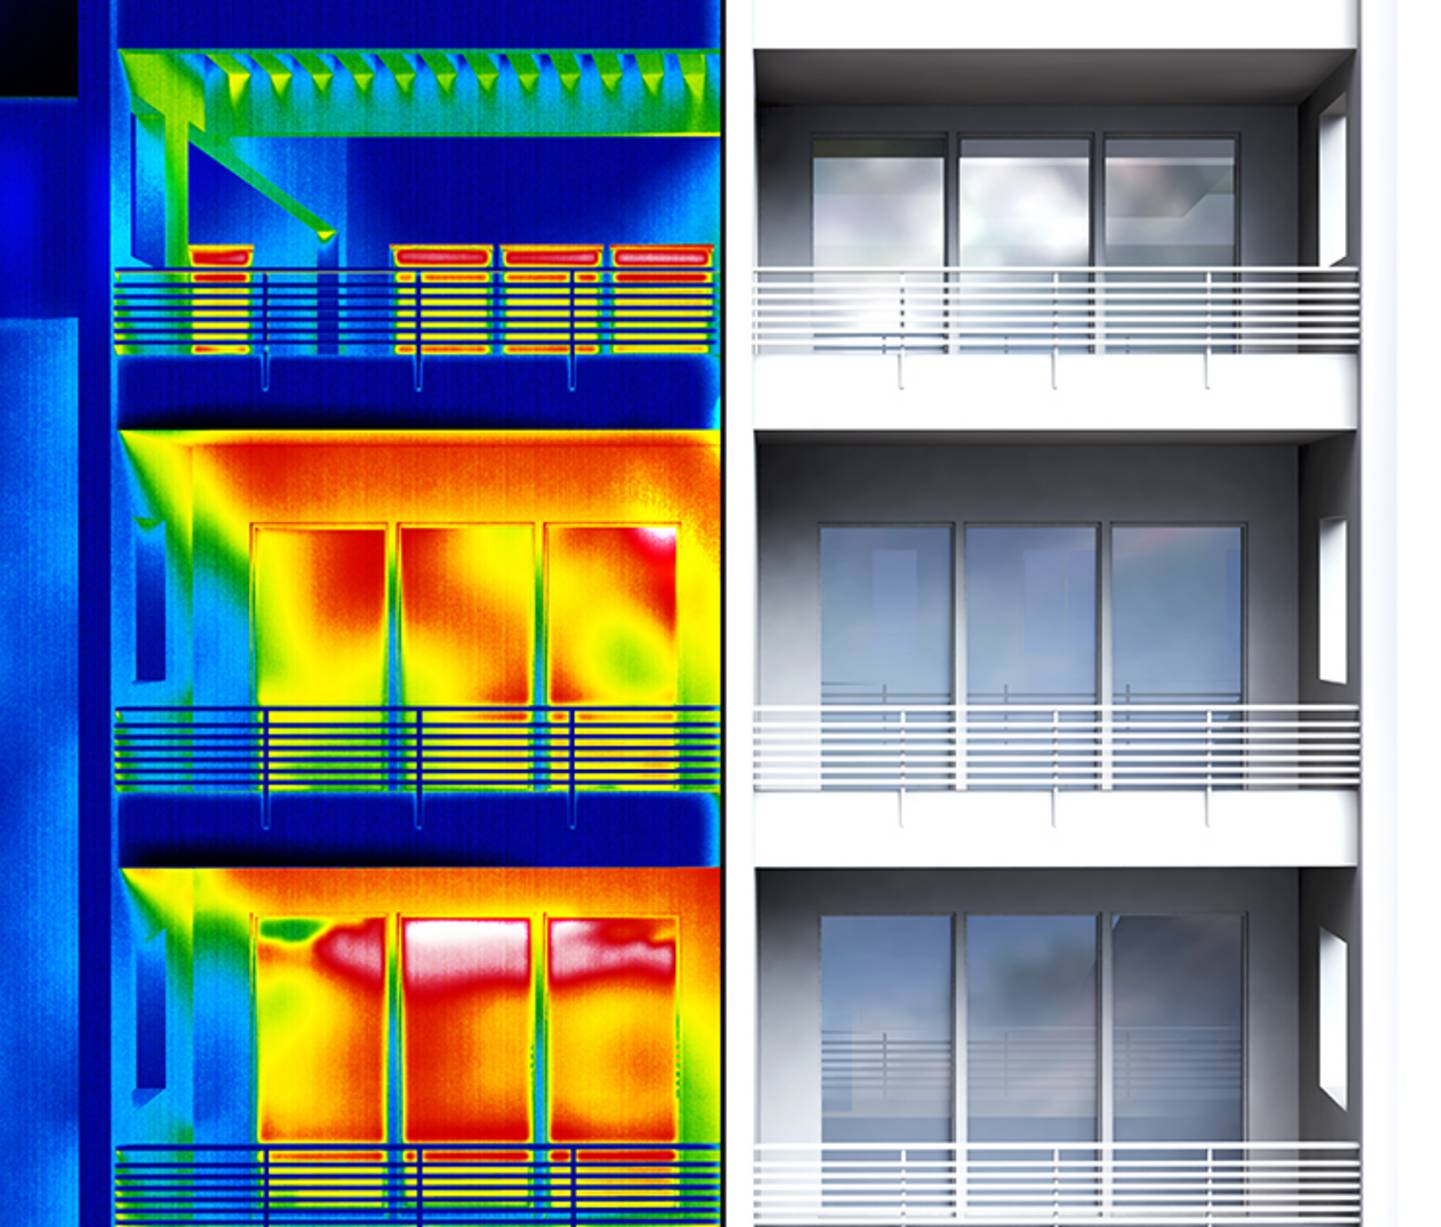 Wärmebrücken mittels Wärmebildkameras und Infrarotthermometer erkennen